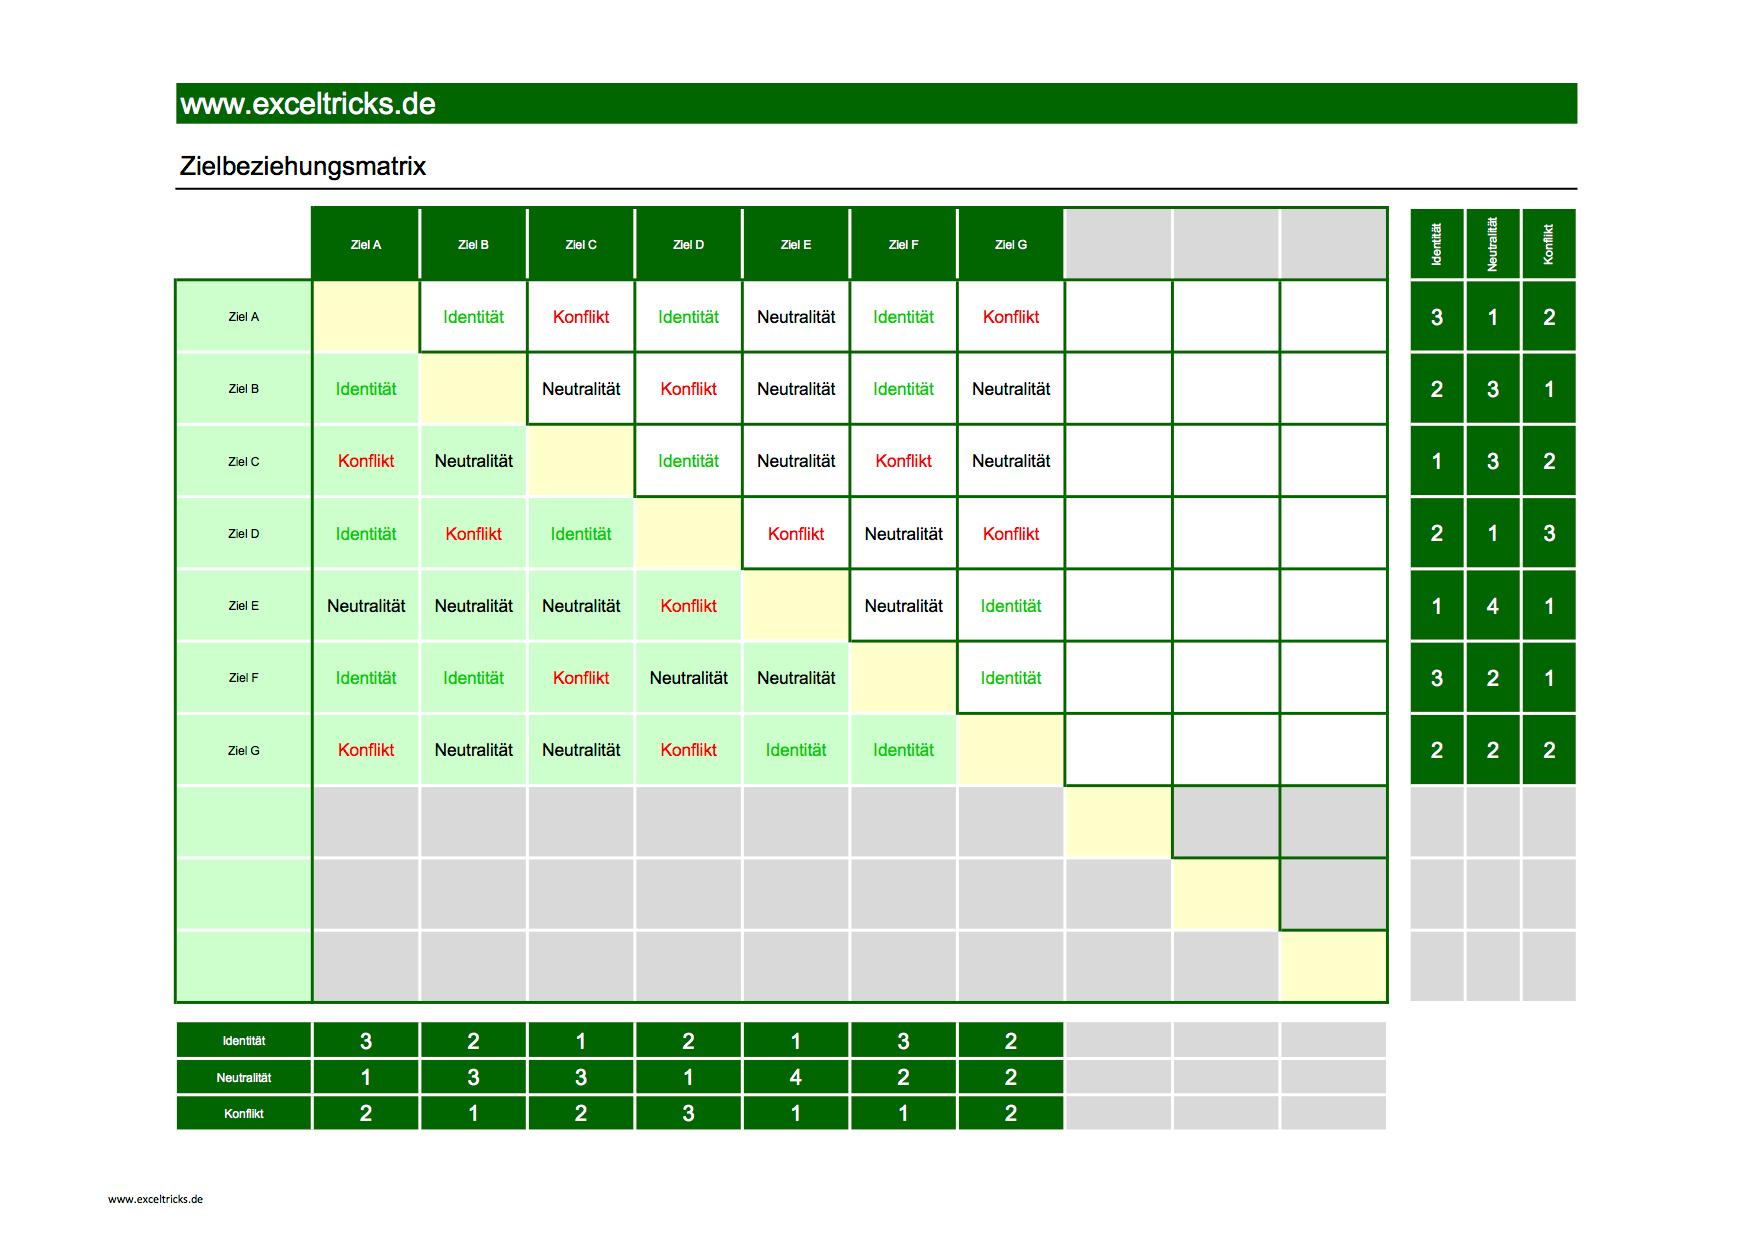 Zielbeziehungsmatrix Wie Stehen Die Ziele Zueinander In Beziehung Exceltricks